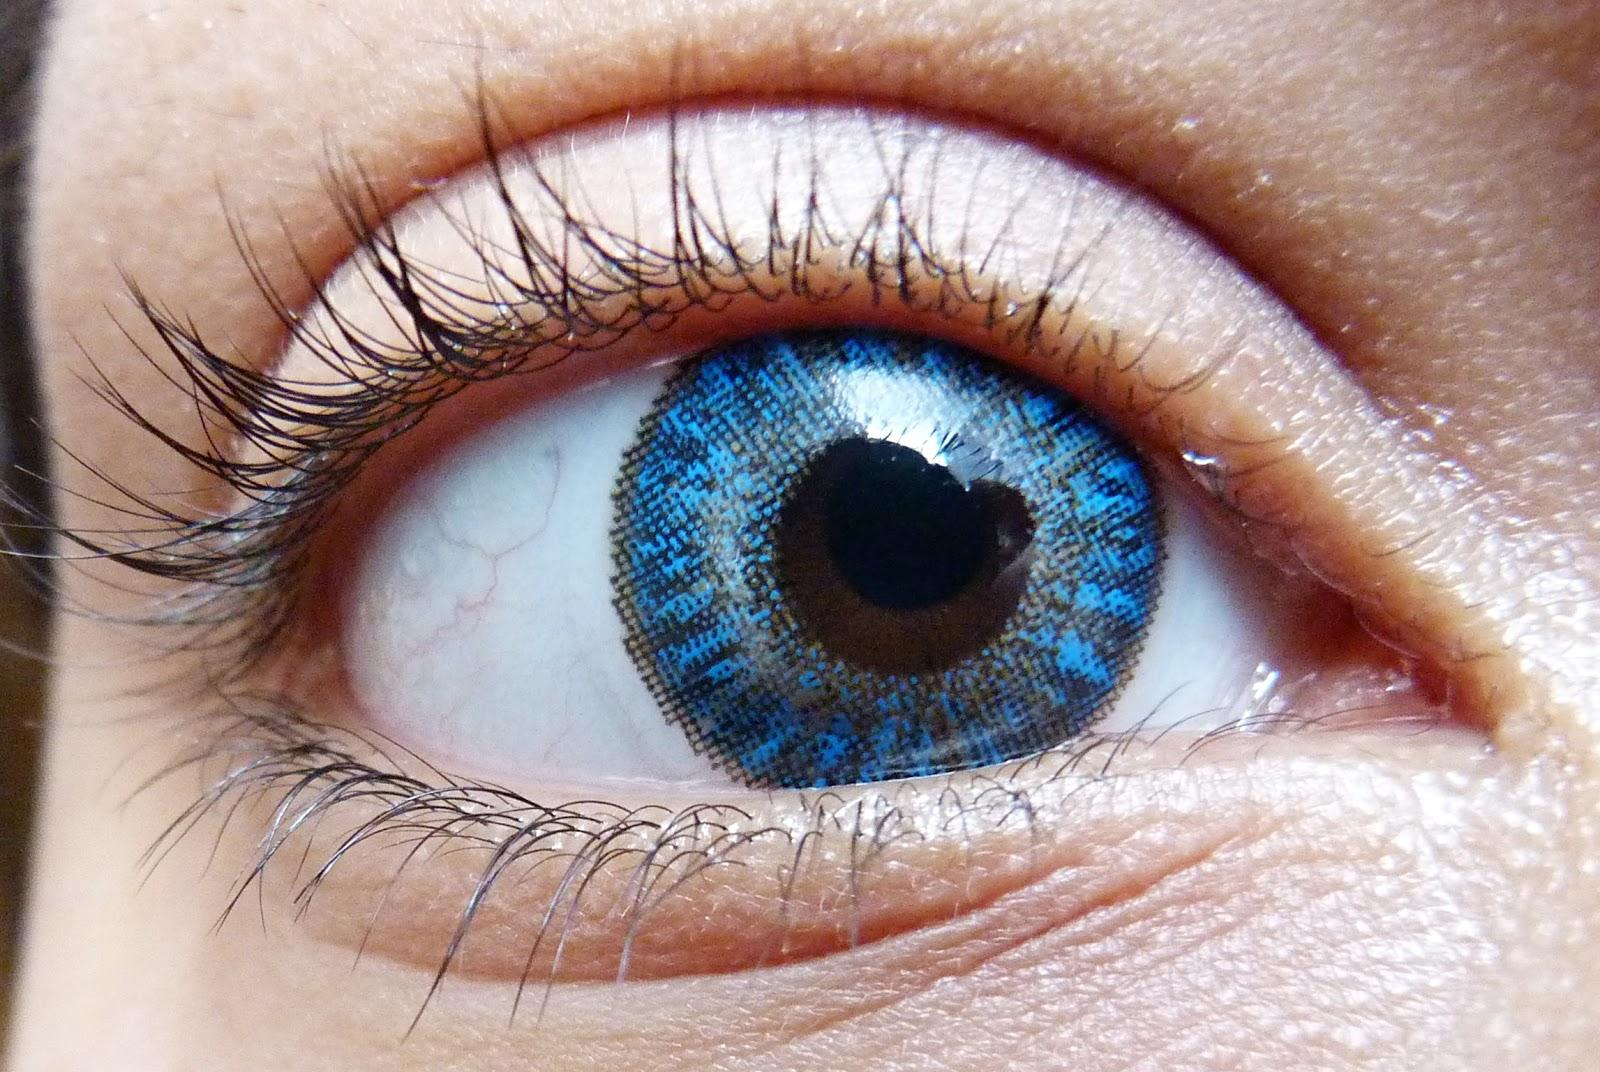 Roztoky slúžia na starostlivosť o kontaktné šošovky s intervalom výmeny  dlhším ako jeden deň. Roztoky zbavujú kontaktné šošovky usadenín a  nečistôt 1f8bd68e339